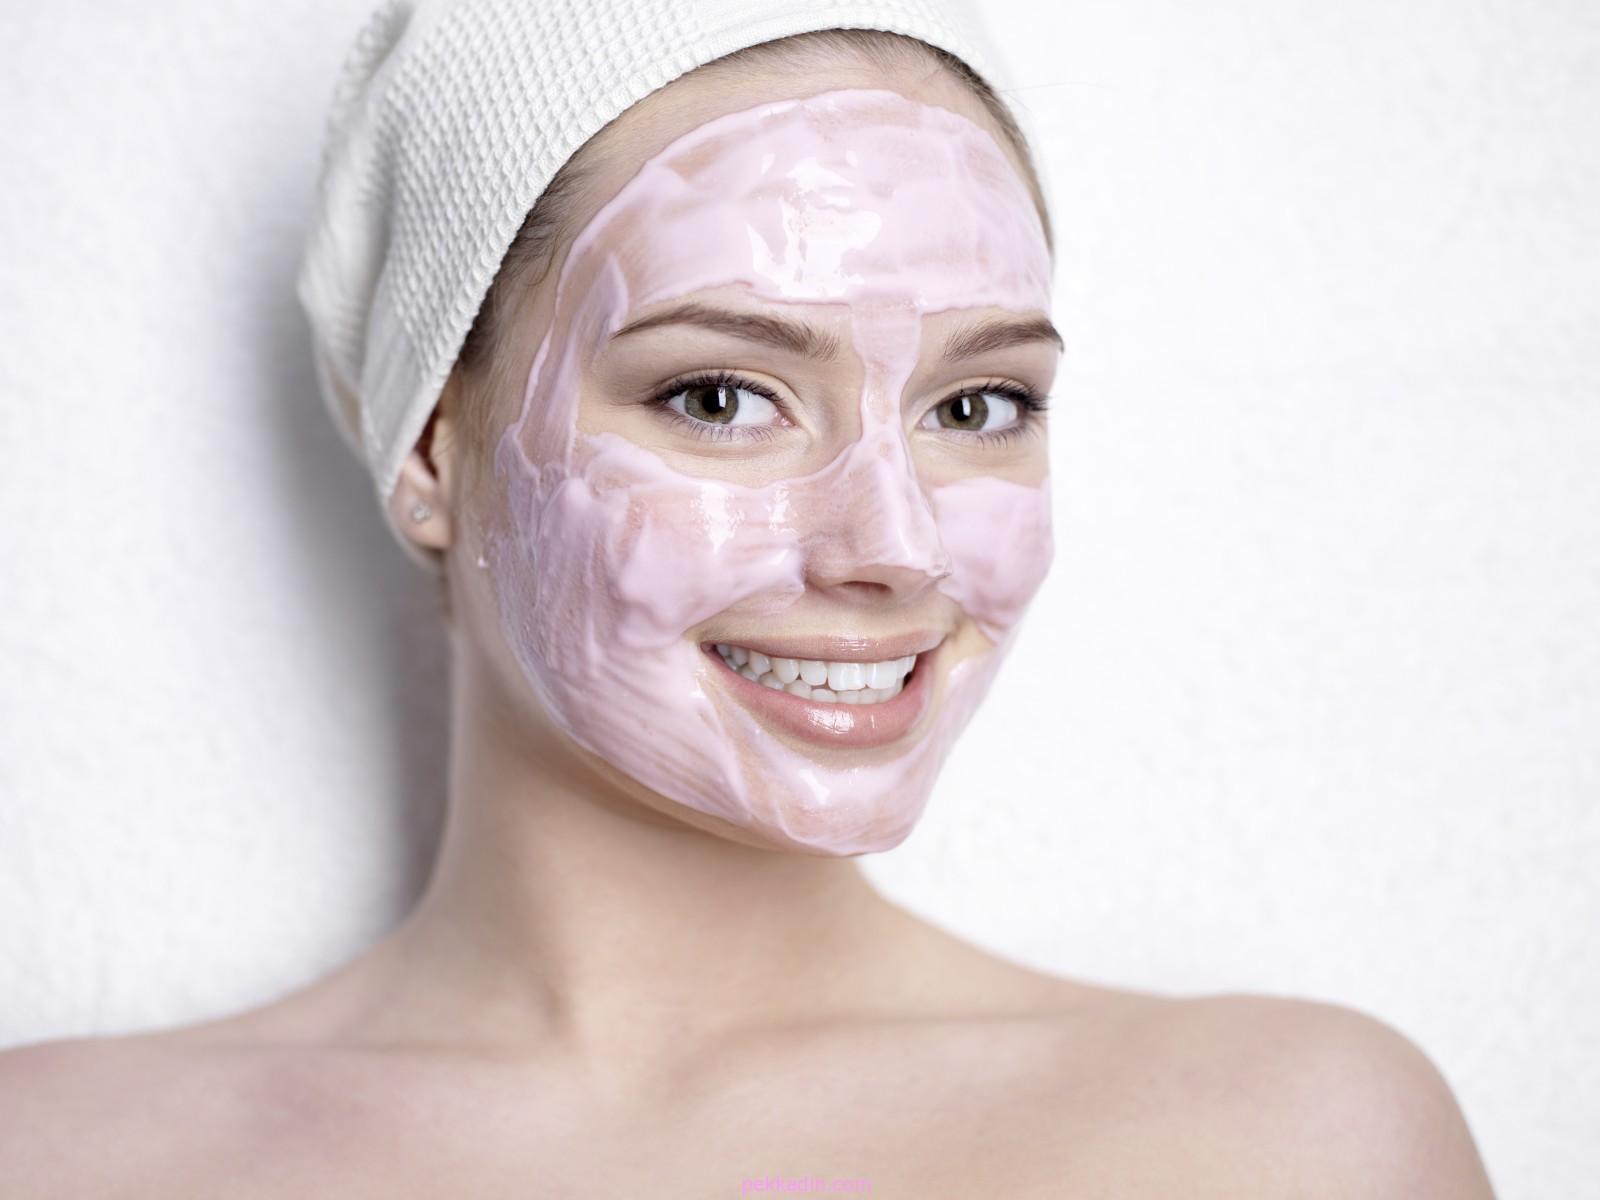 Evdeki meyveler ile hazırlayabileceğiniz doğal yüz bakımı